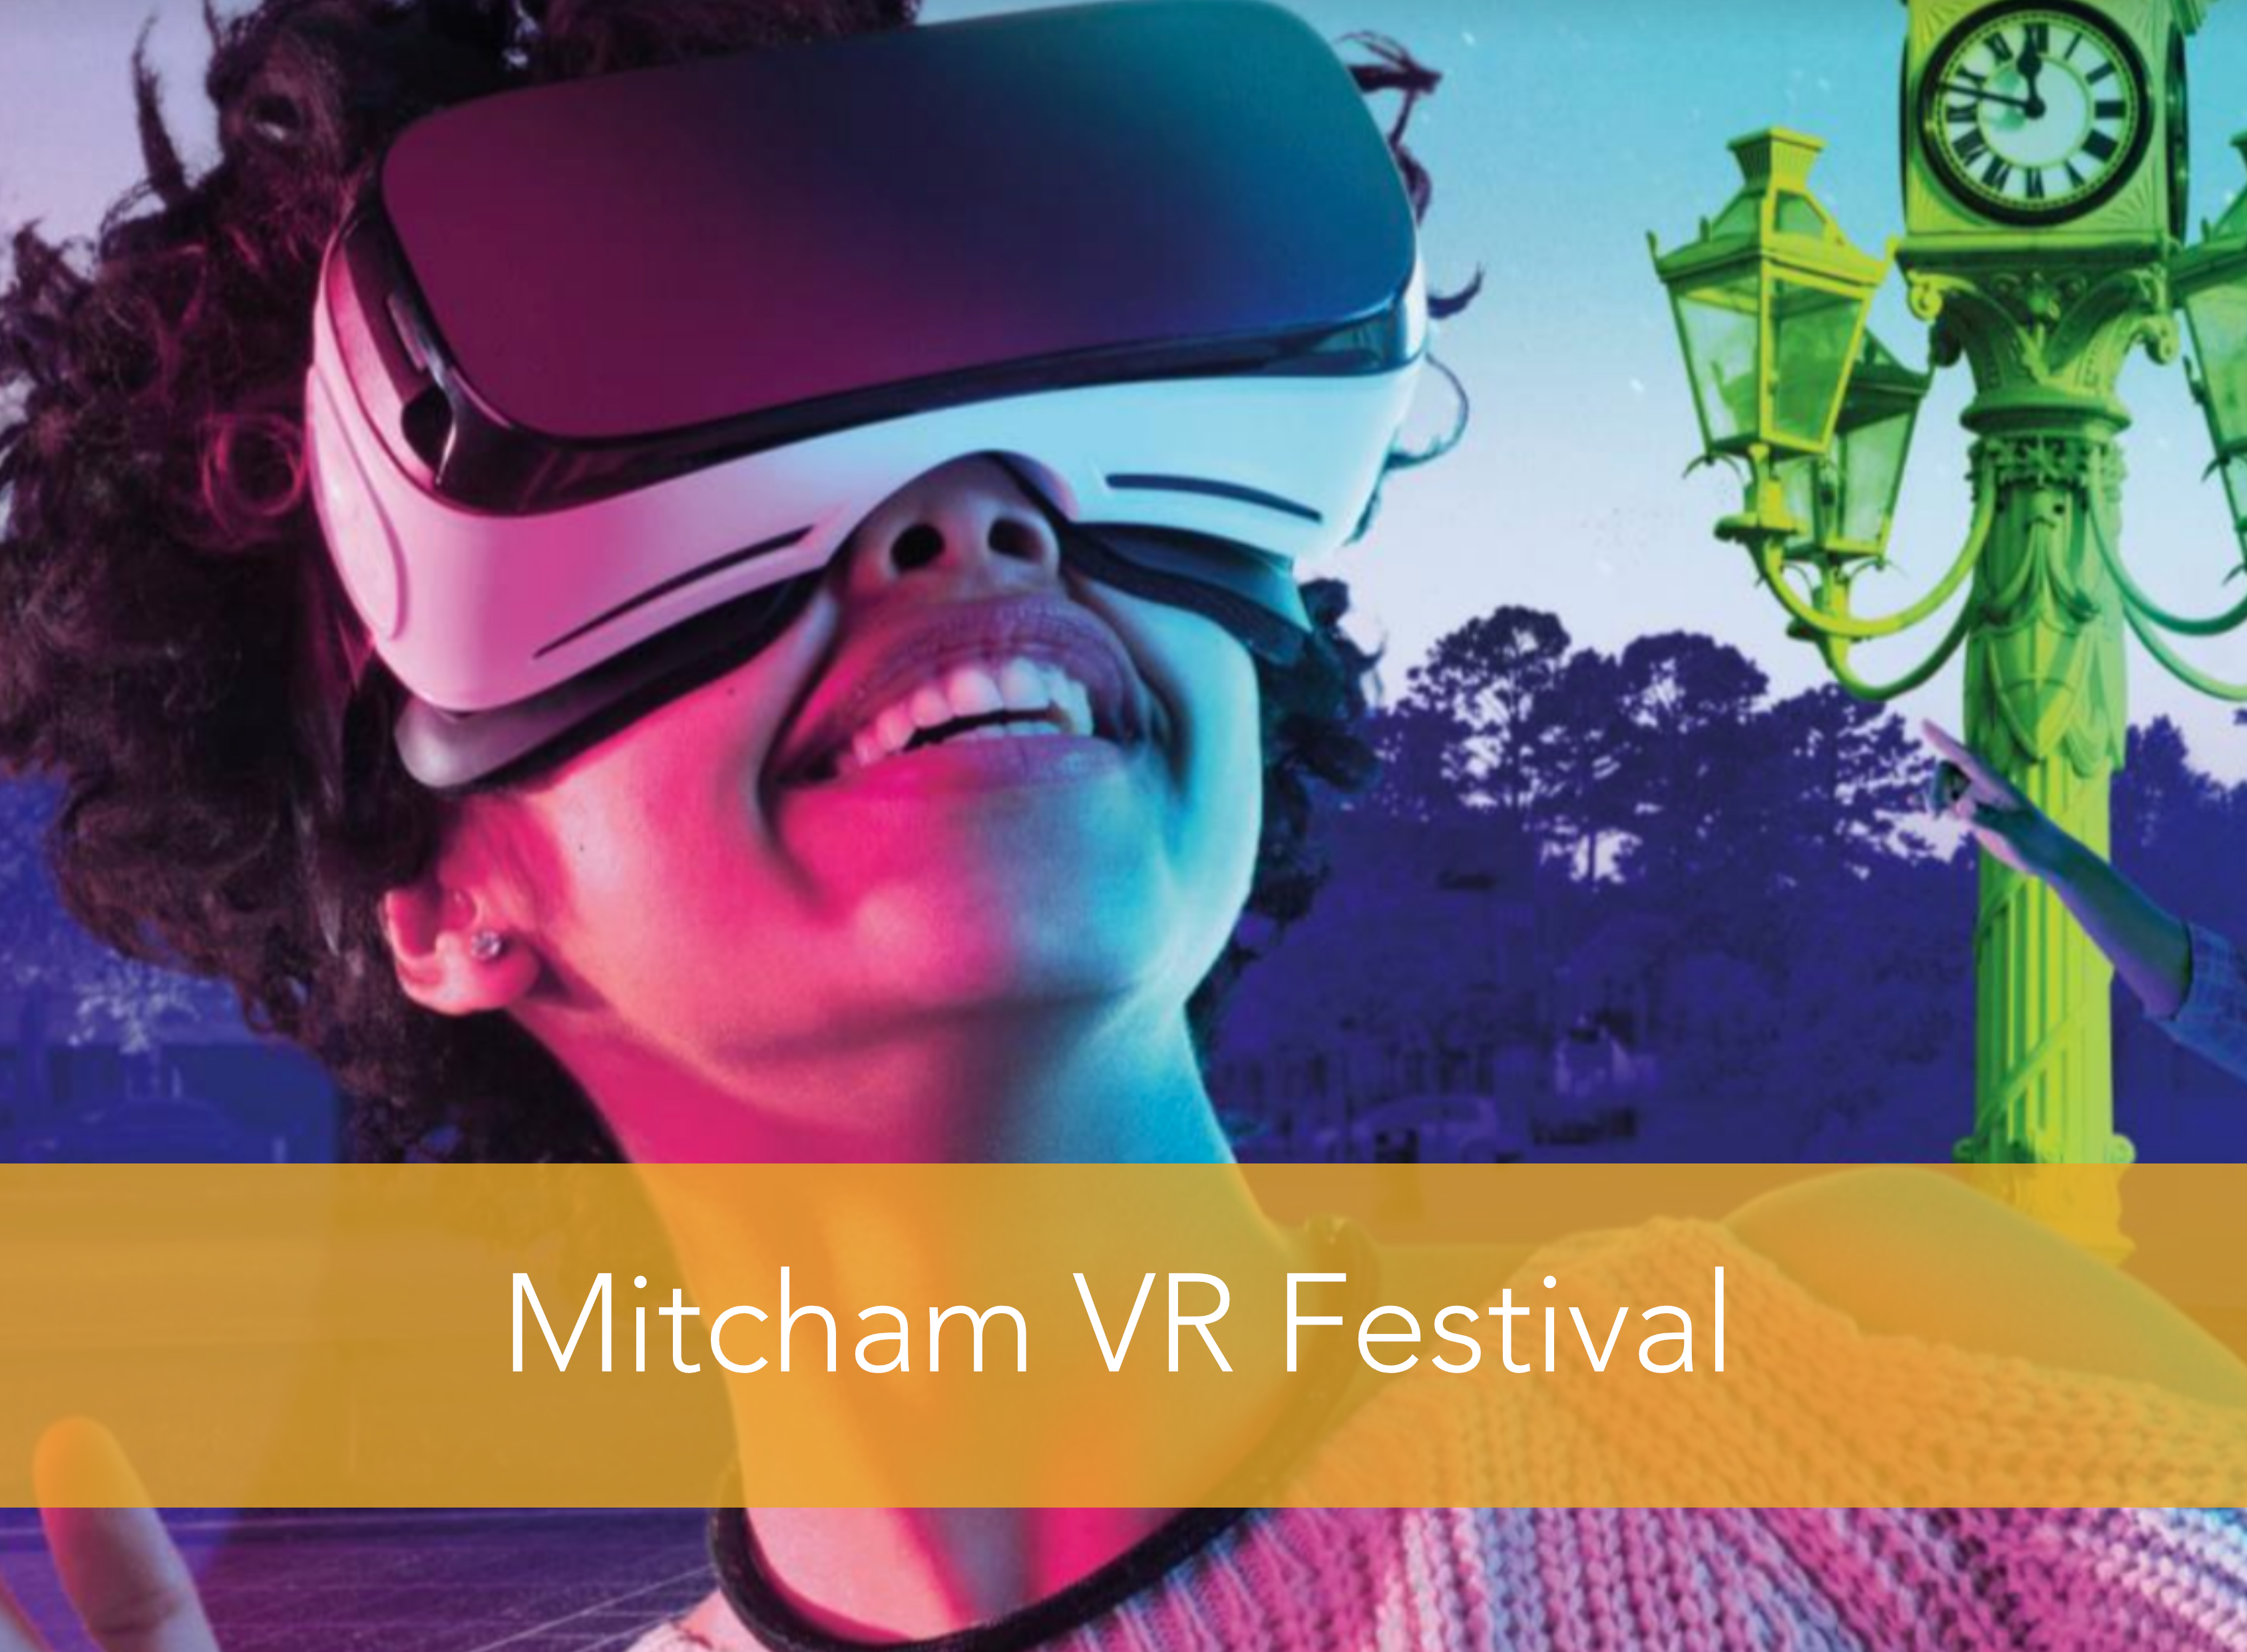 Mitcham VR Festival